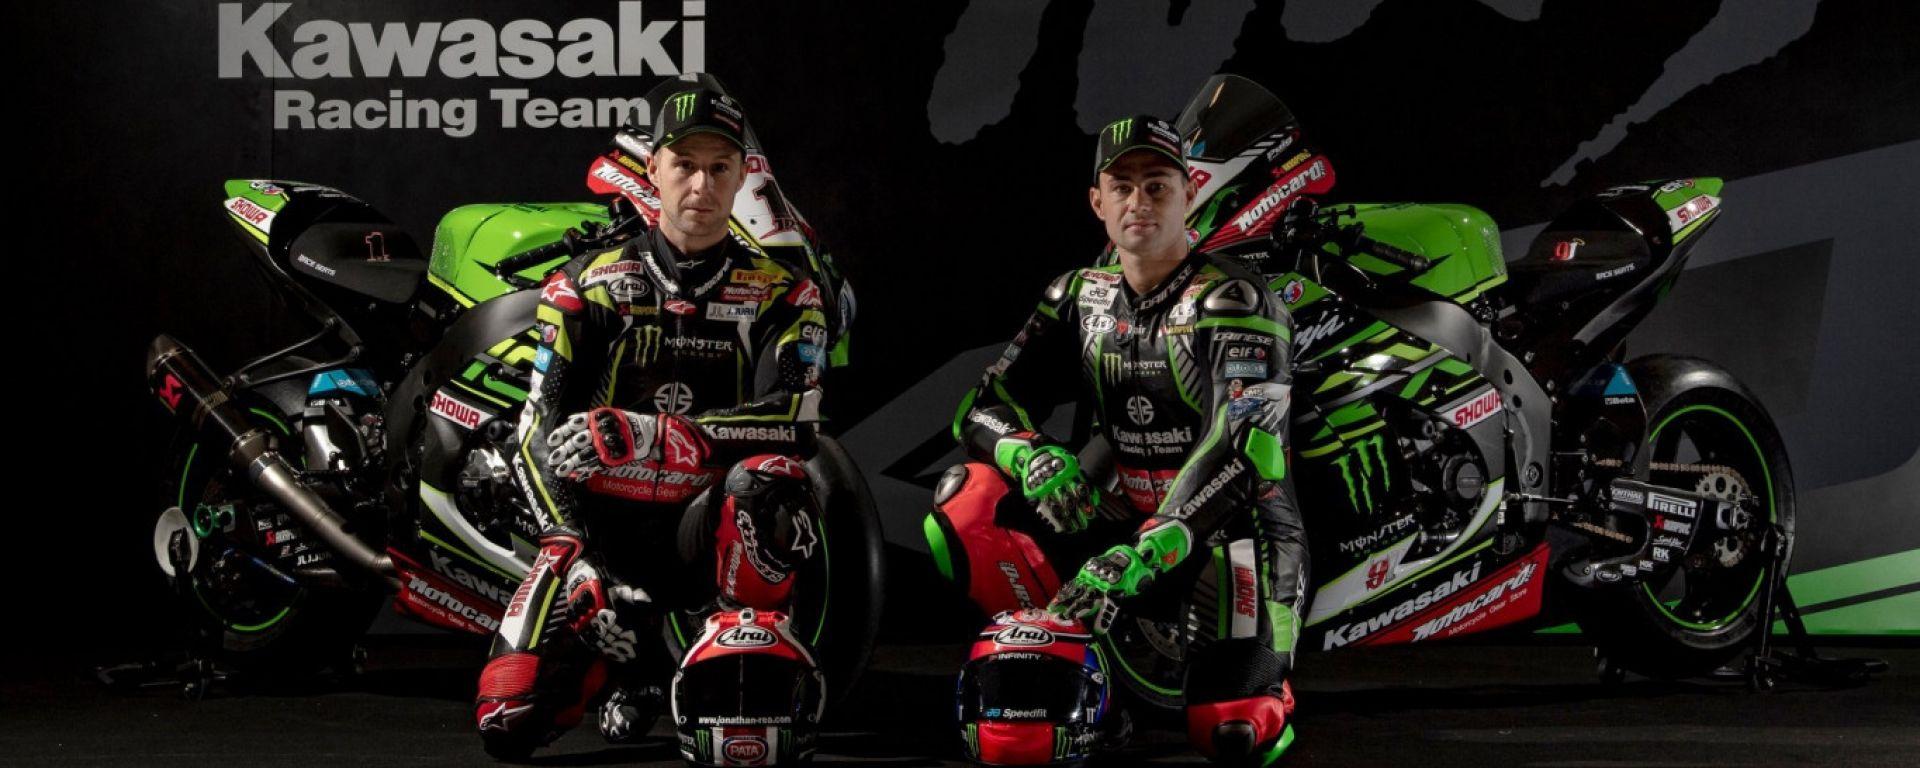 WSBK, presentato il Kawasaki Racing Team di re Johnny Rea